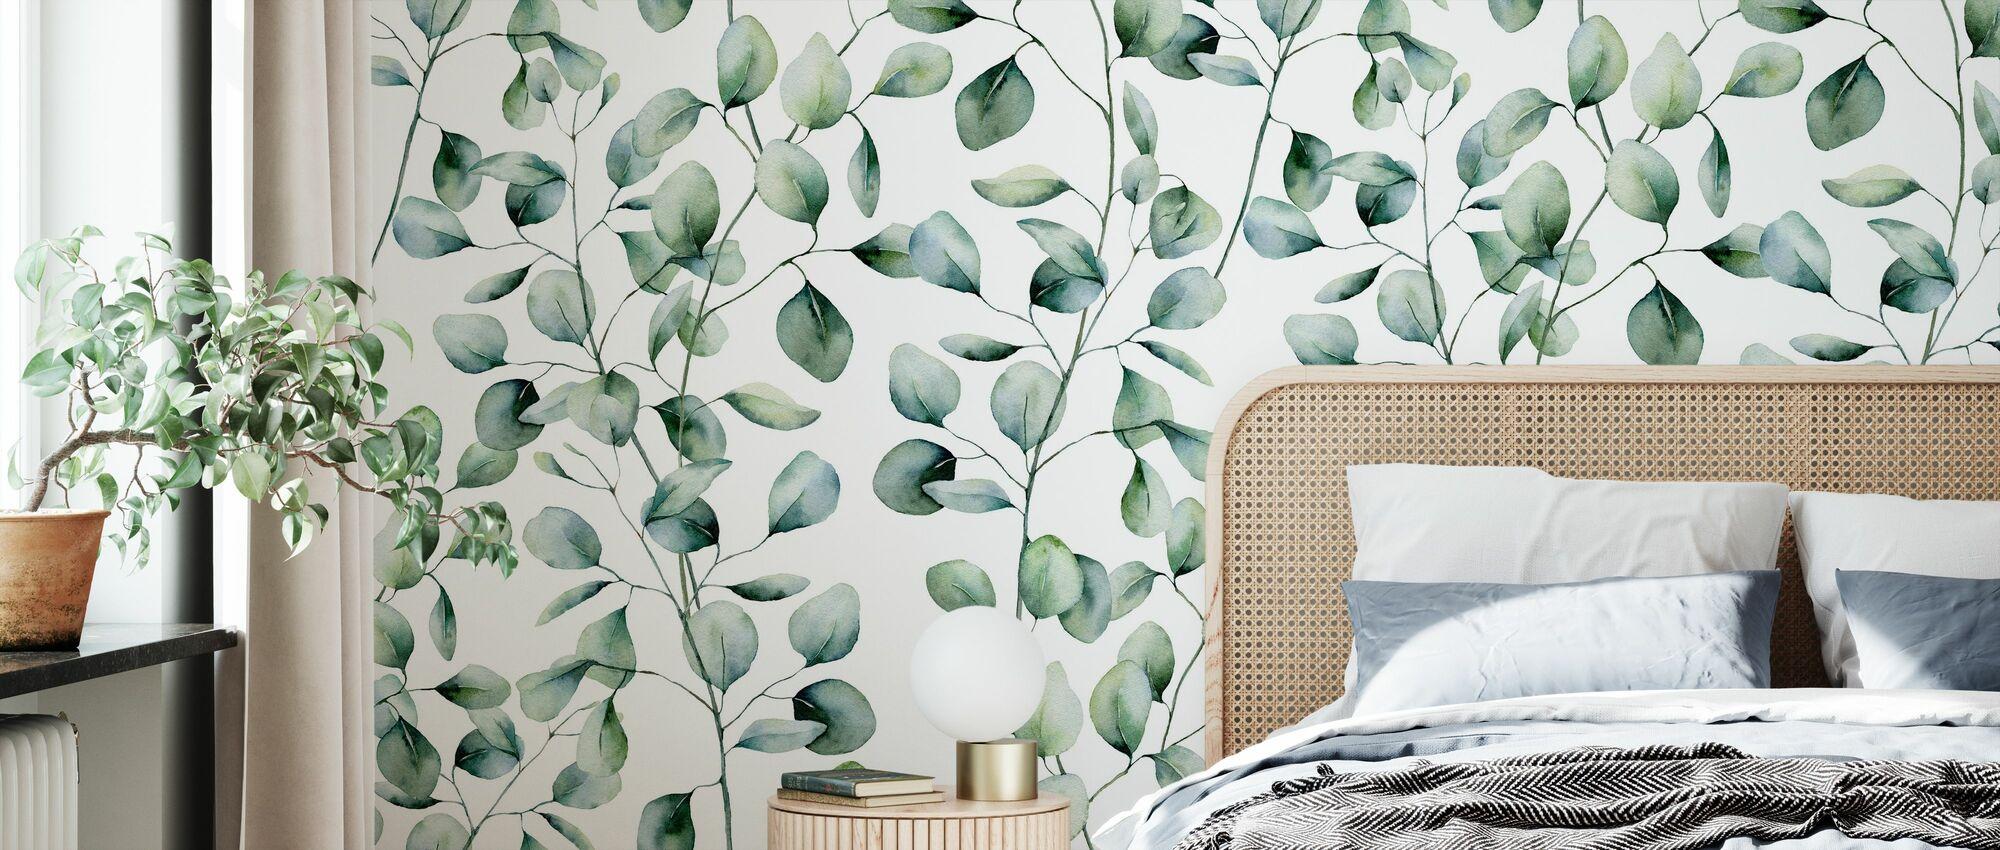 Eucalyptus - Wallpaper - Bedroom